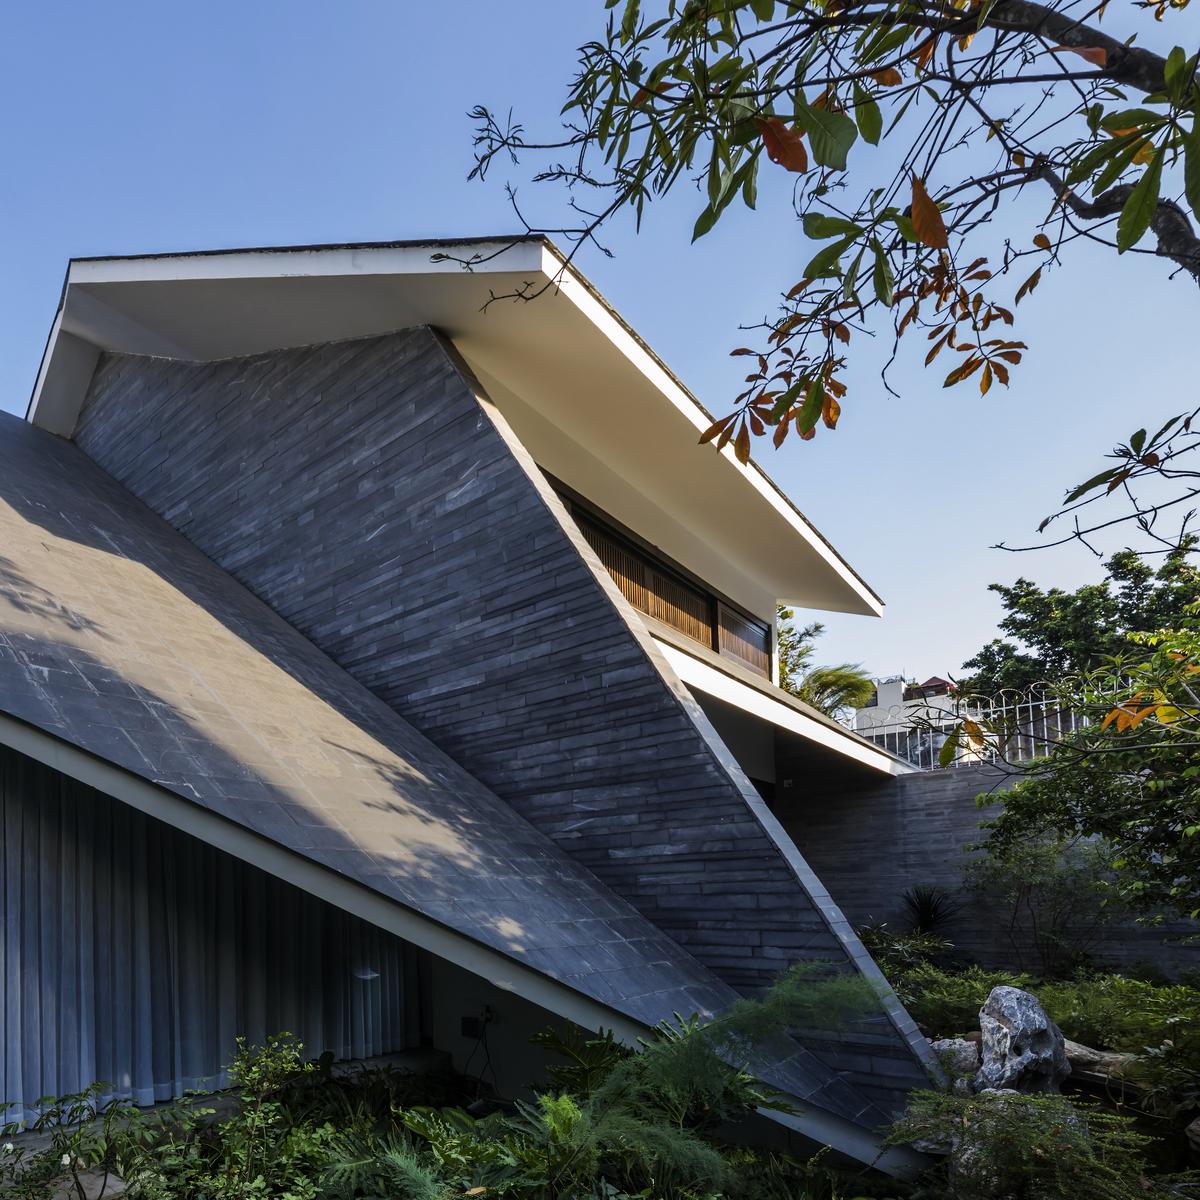 0317 - Nhà Huy - Ốc đảo xanh ẩn mình giữa phố thị   23o5 Studio